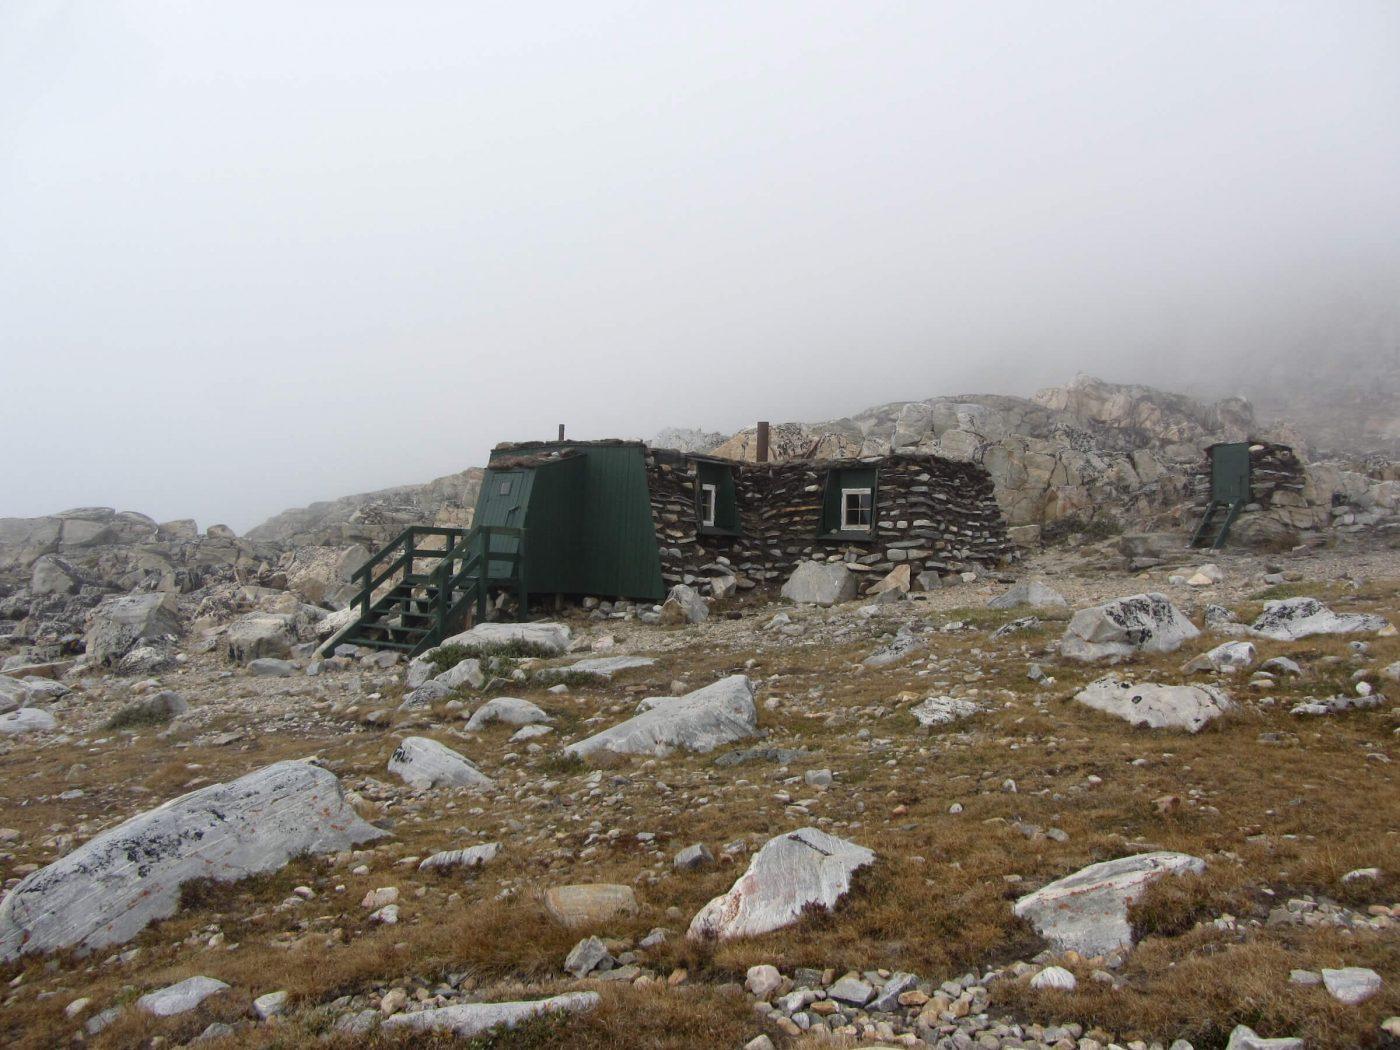 Inuit turf hut reconstruction on a foggy day outside Uummannaq in North Greenland, by Ella Grødem.